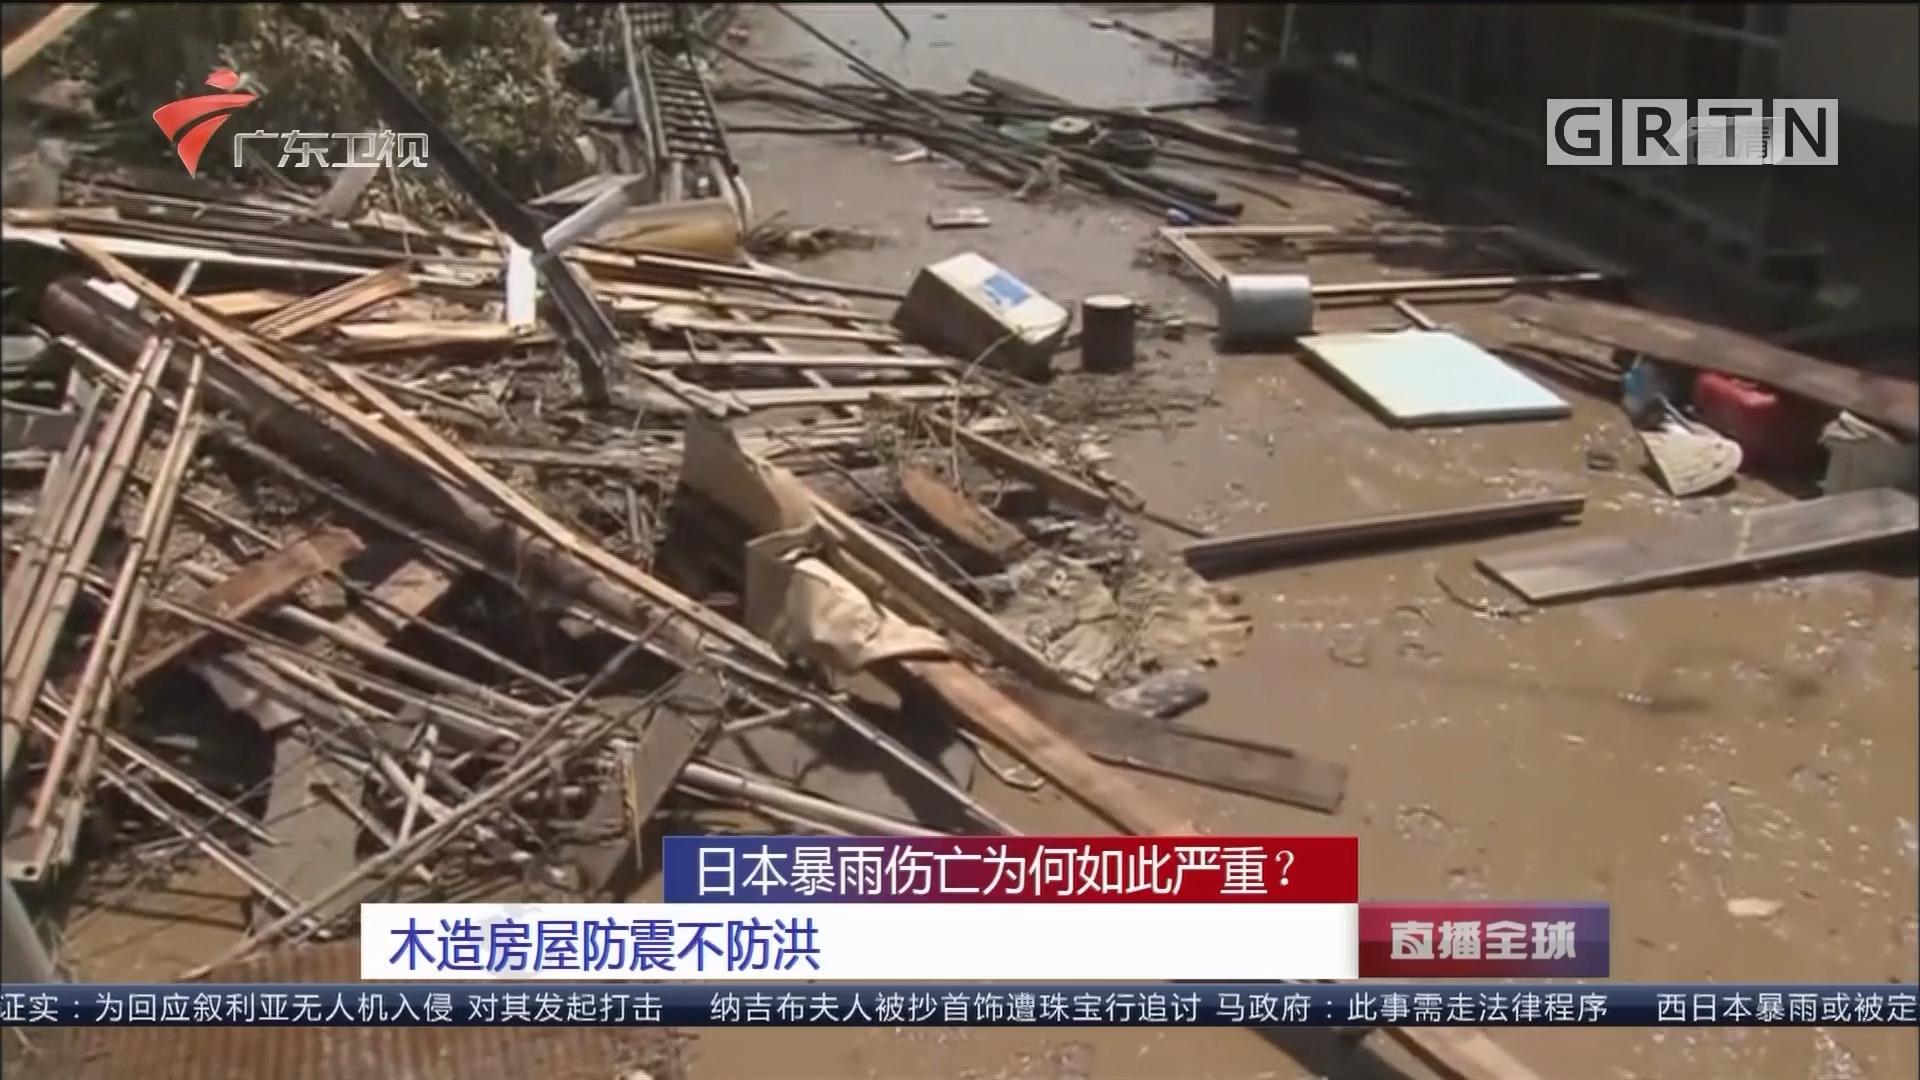 日本暴雨伤亡为何如此严重?木造房屋防震不防洪